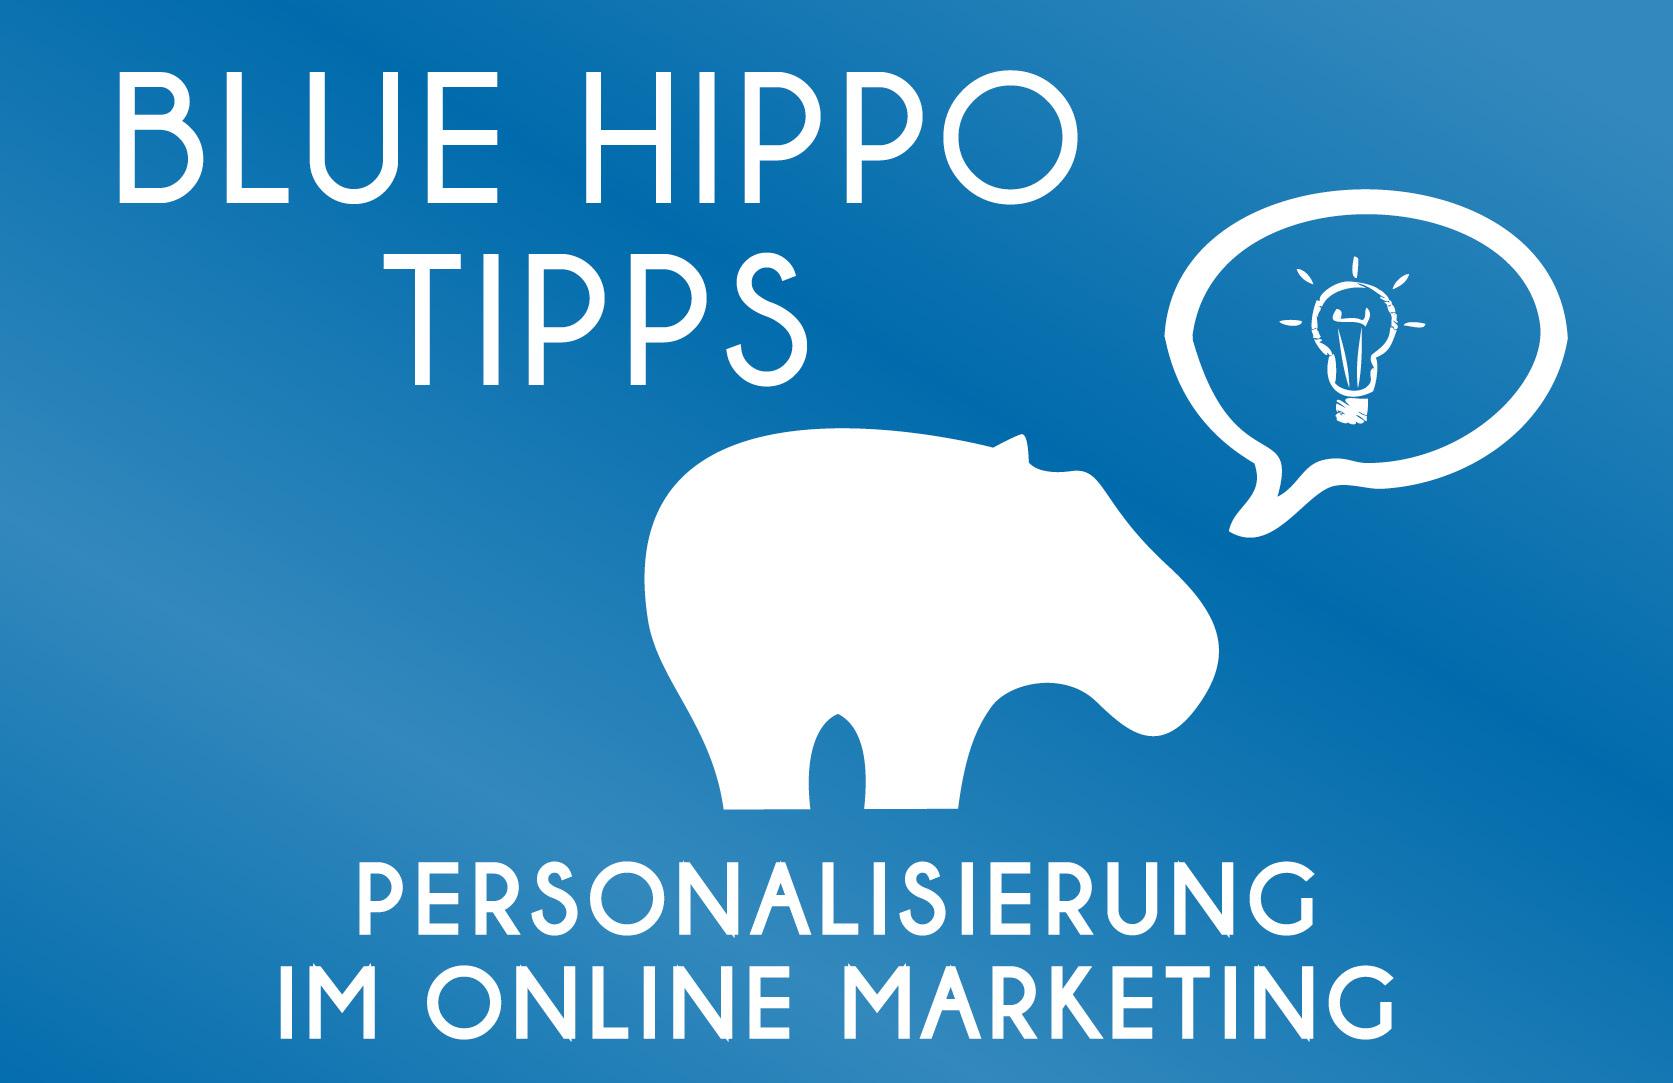 Personalisierung im Online Marketing - Blue Hippo Tipps